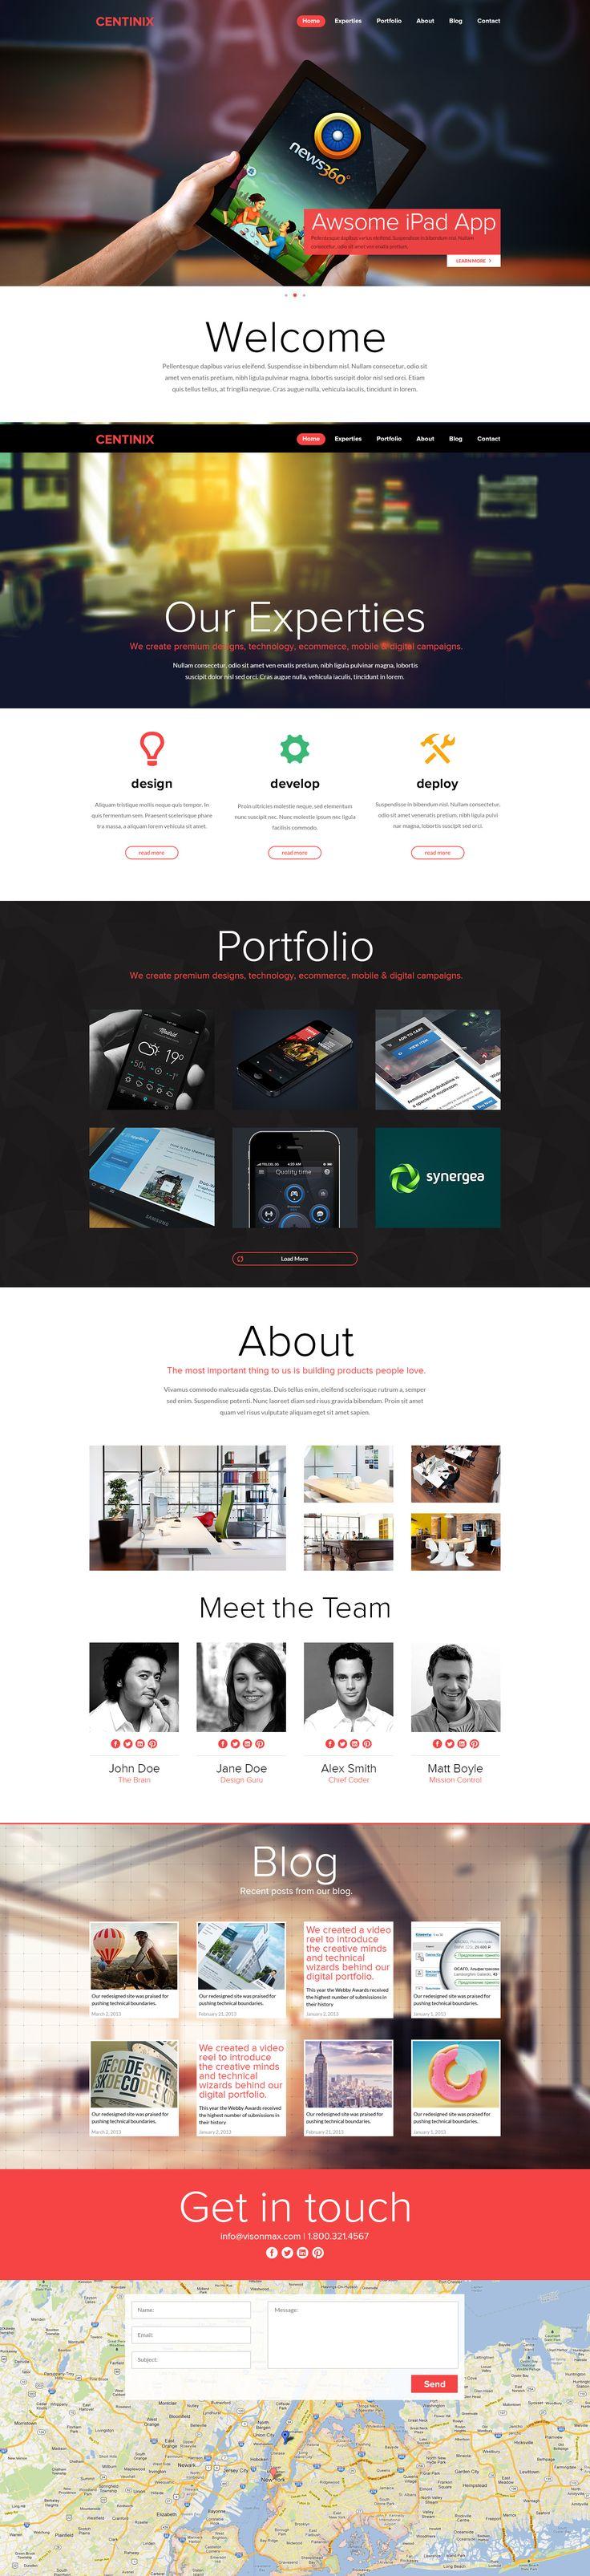 One Page Portfolio Website by ~Nas-wd on deviantART